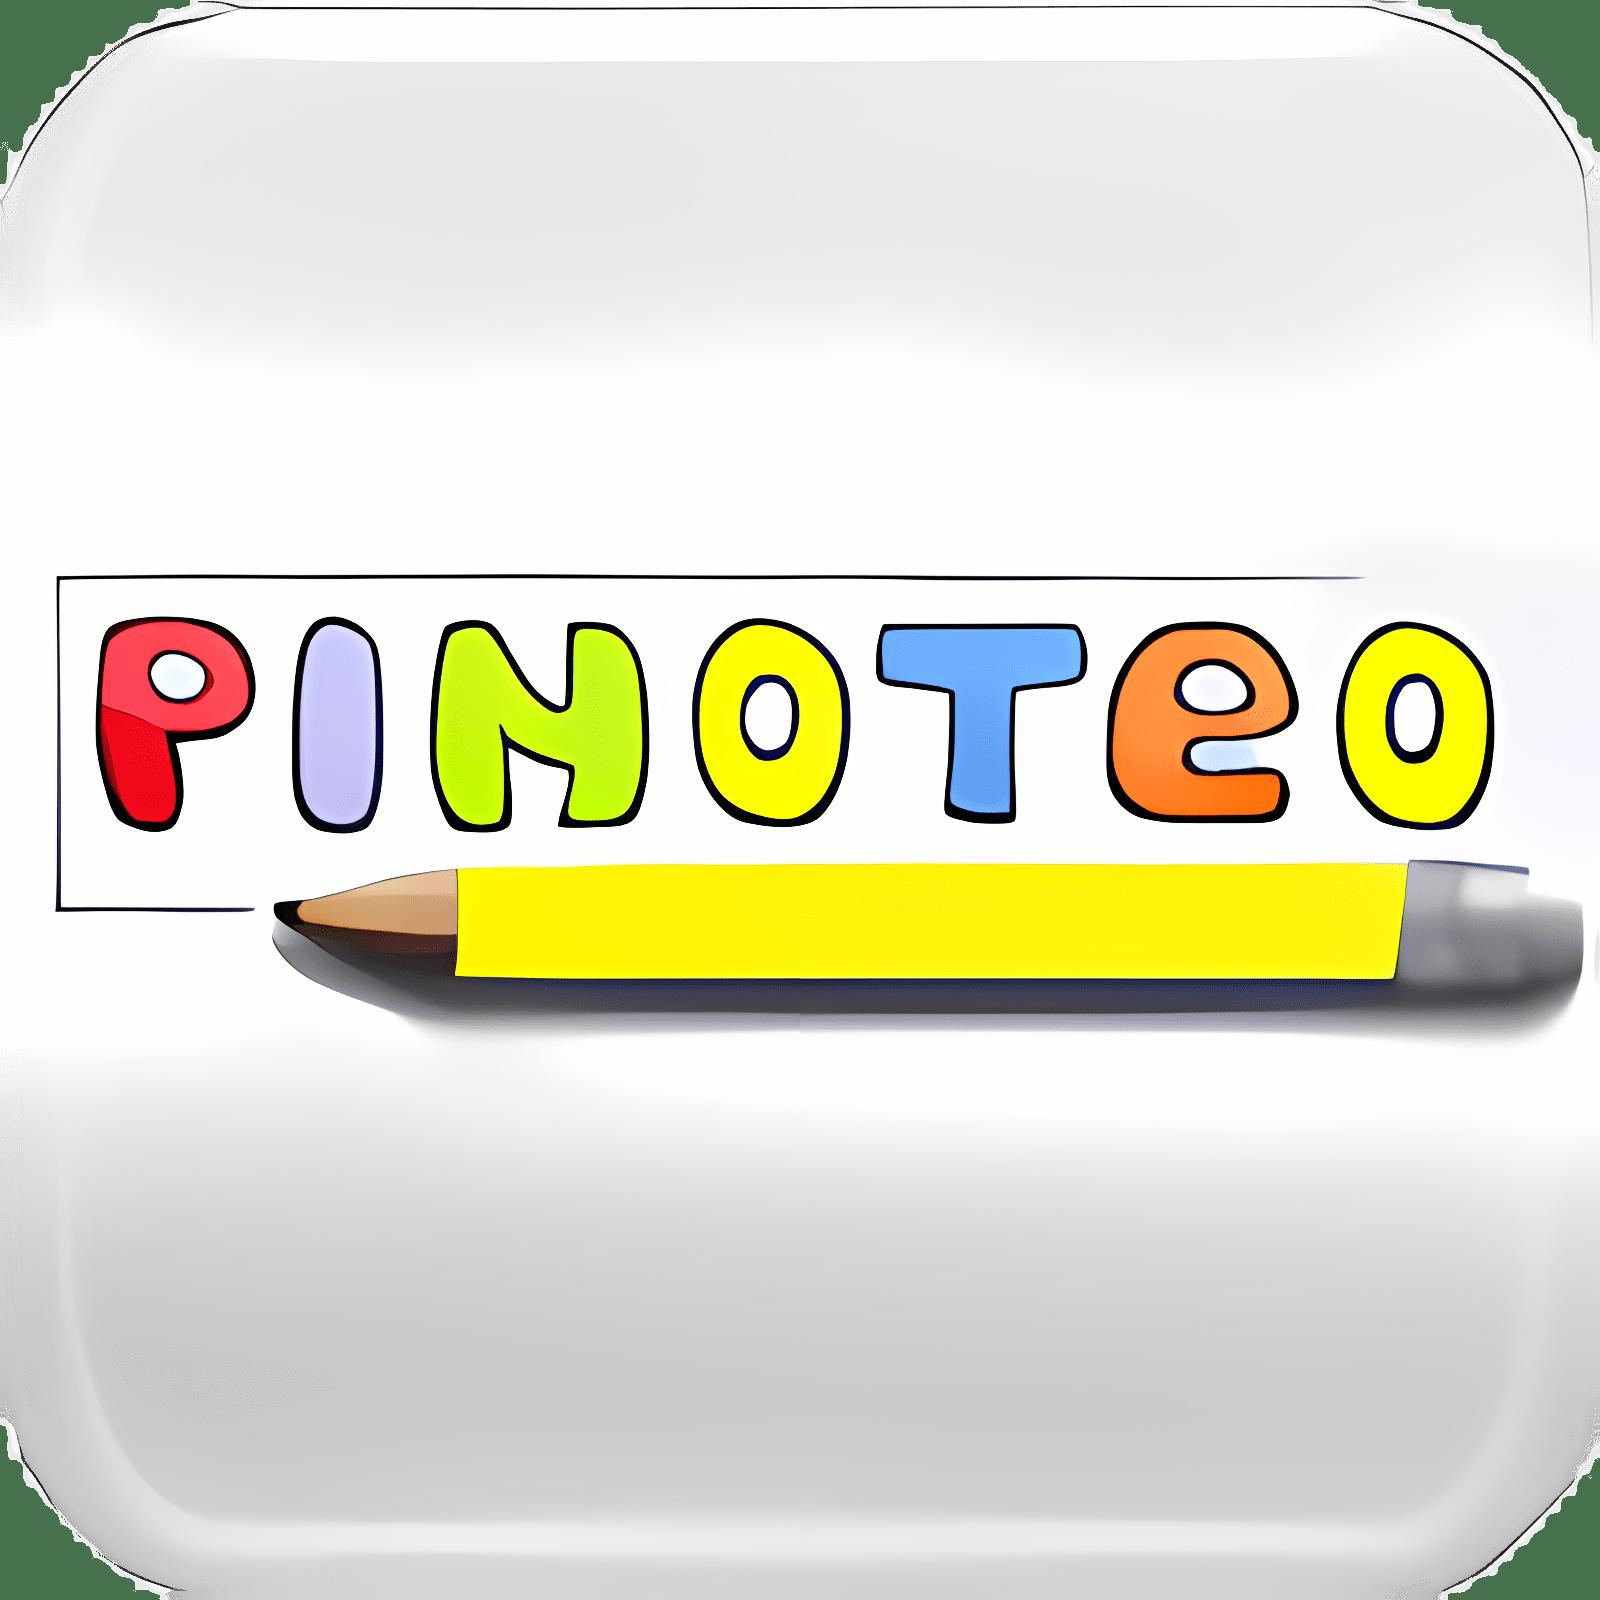 Pinoteo 0.4.1.1 a